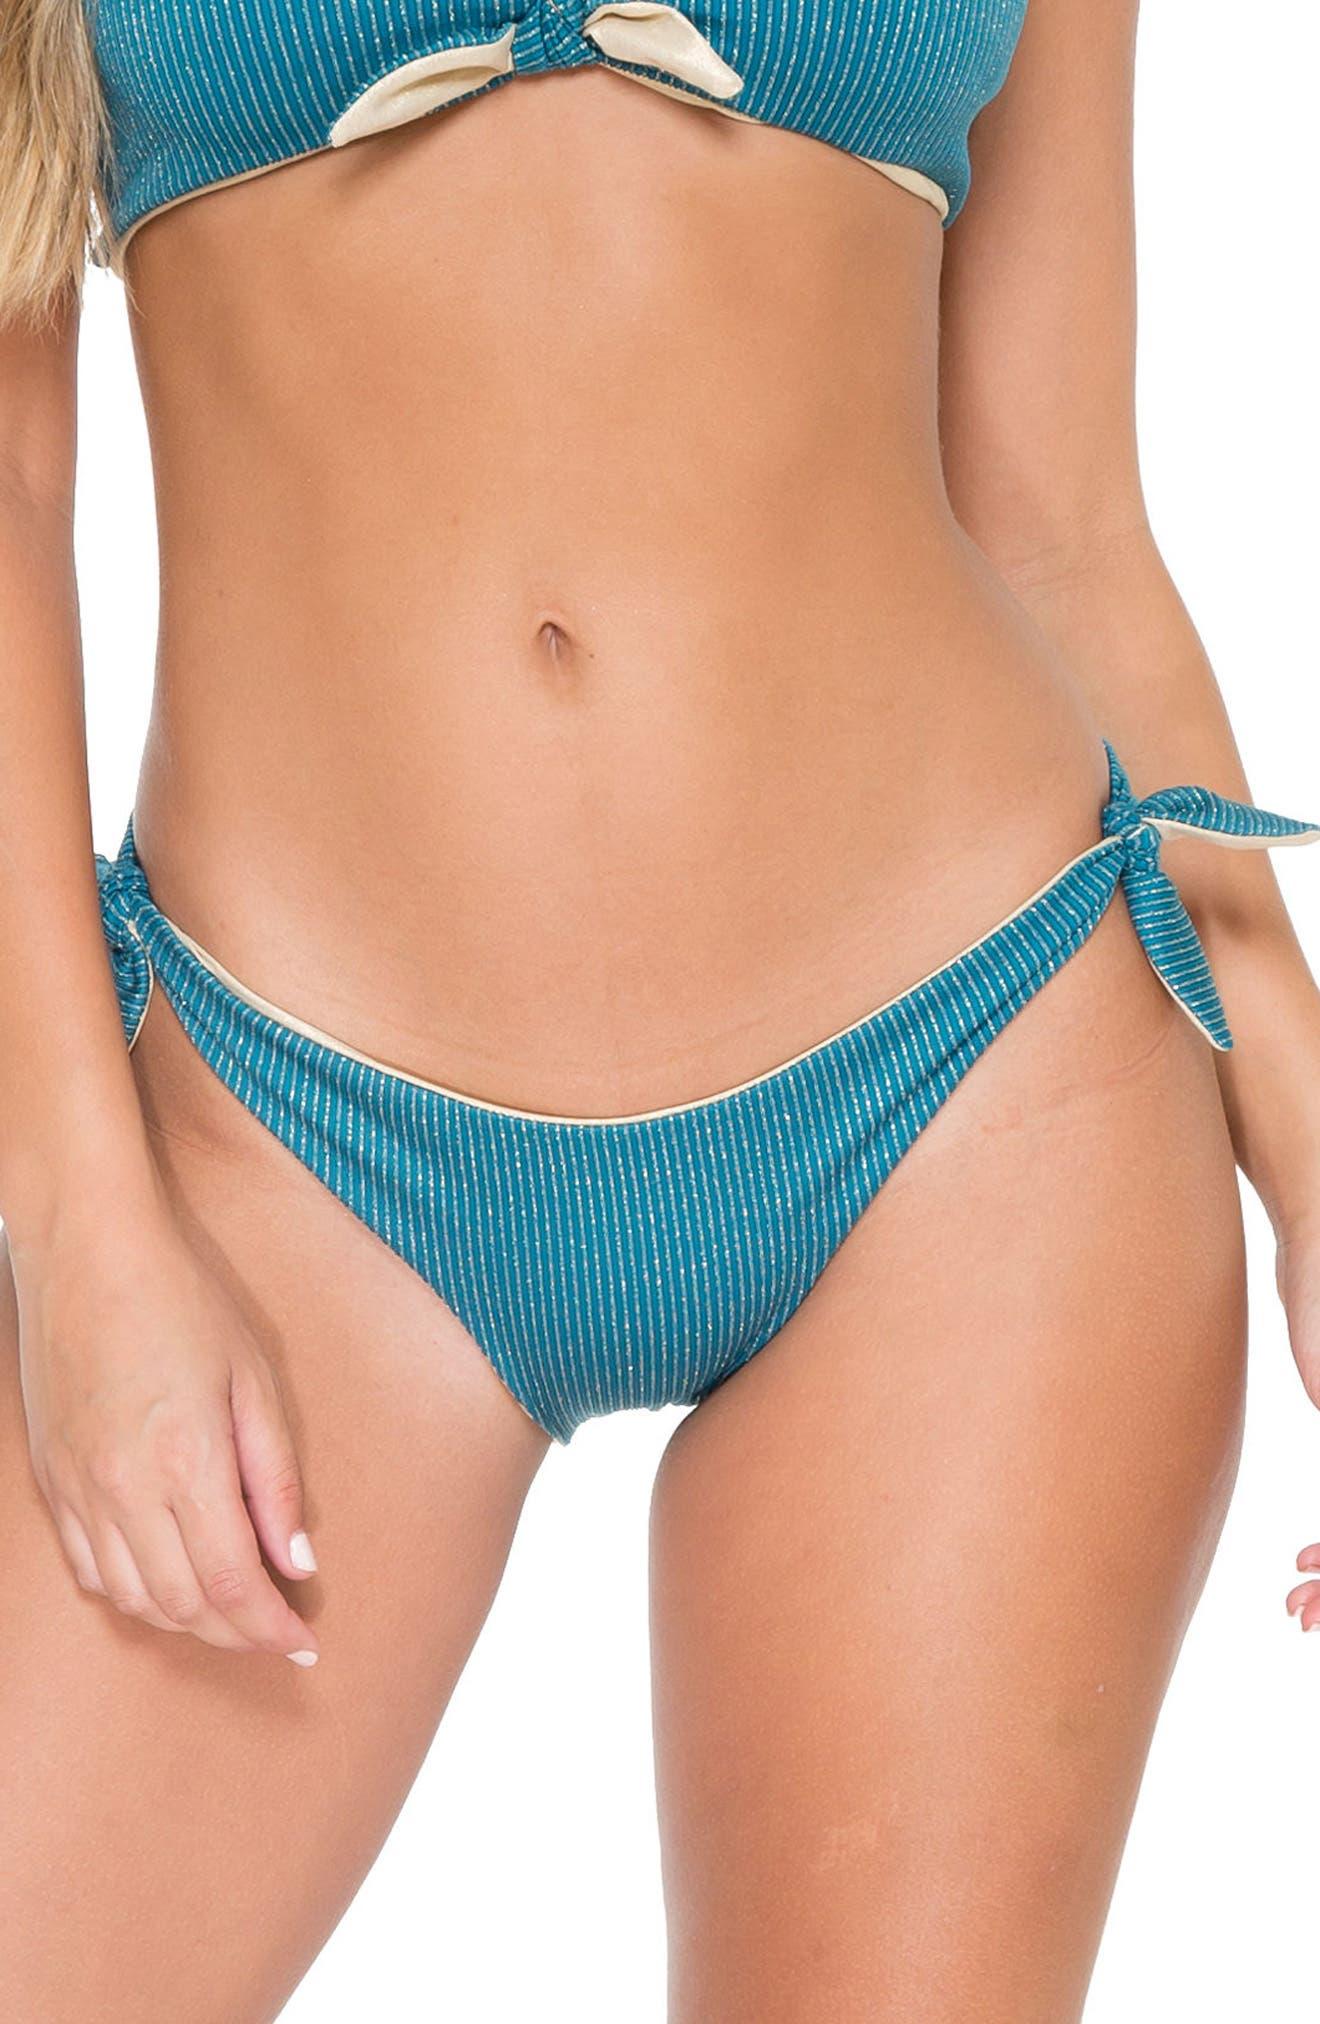 Cayo Hueso Reversible Bikini Bottoms,                         Main,                         color, Miramar Blue/ Gold